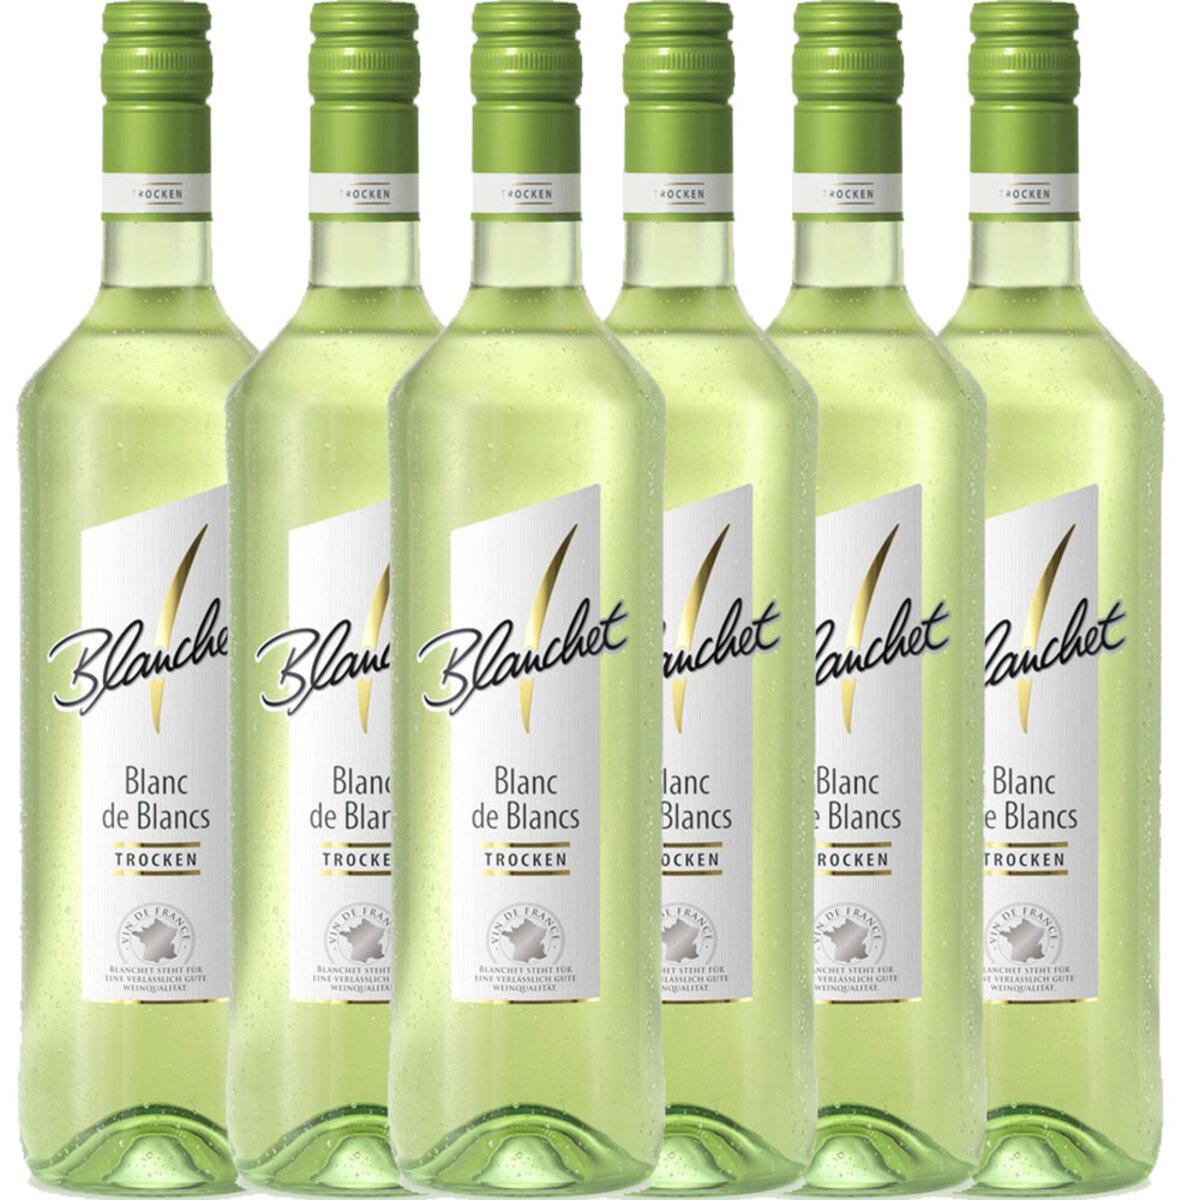 Bild 1 von Blanchet Weißwein Blanc de Blancs Trocken - 6er Karton